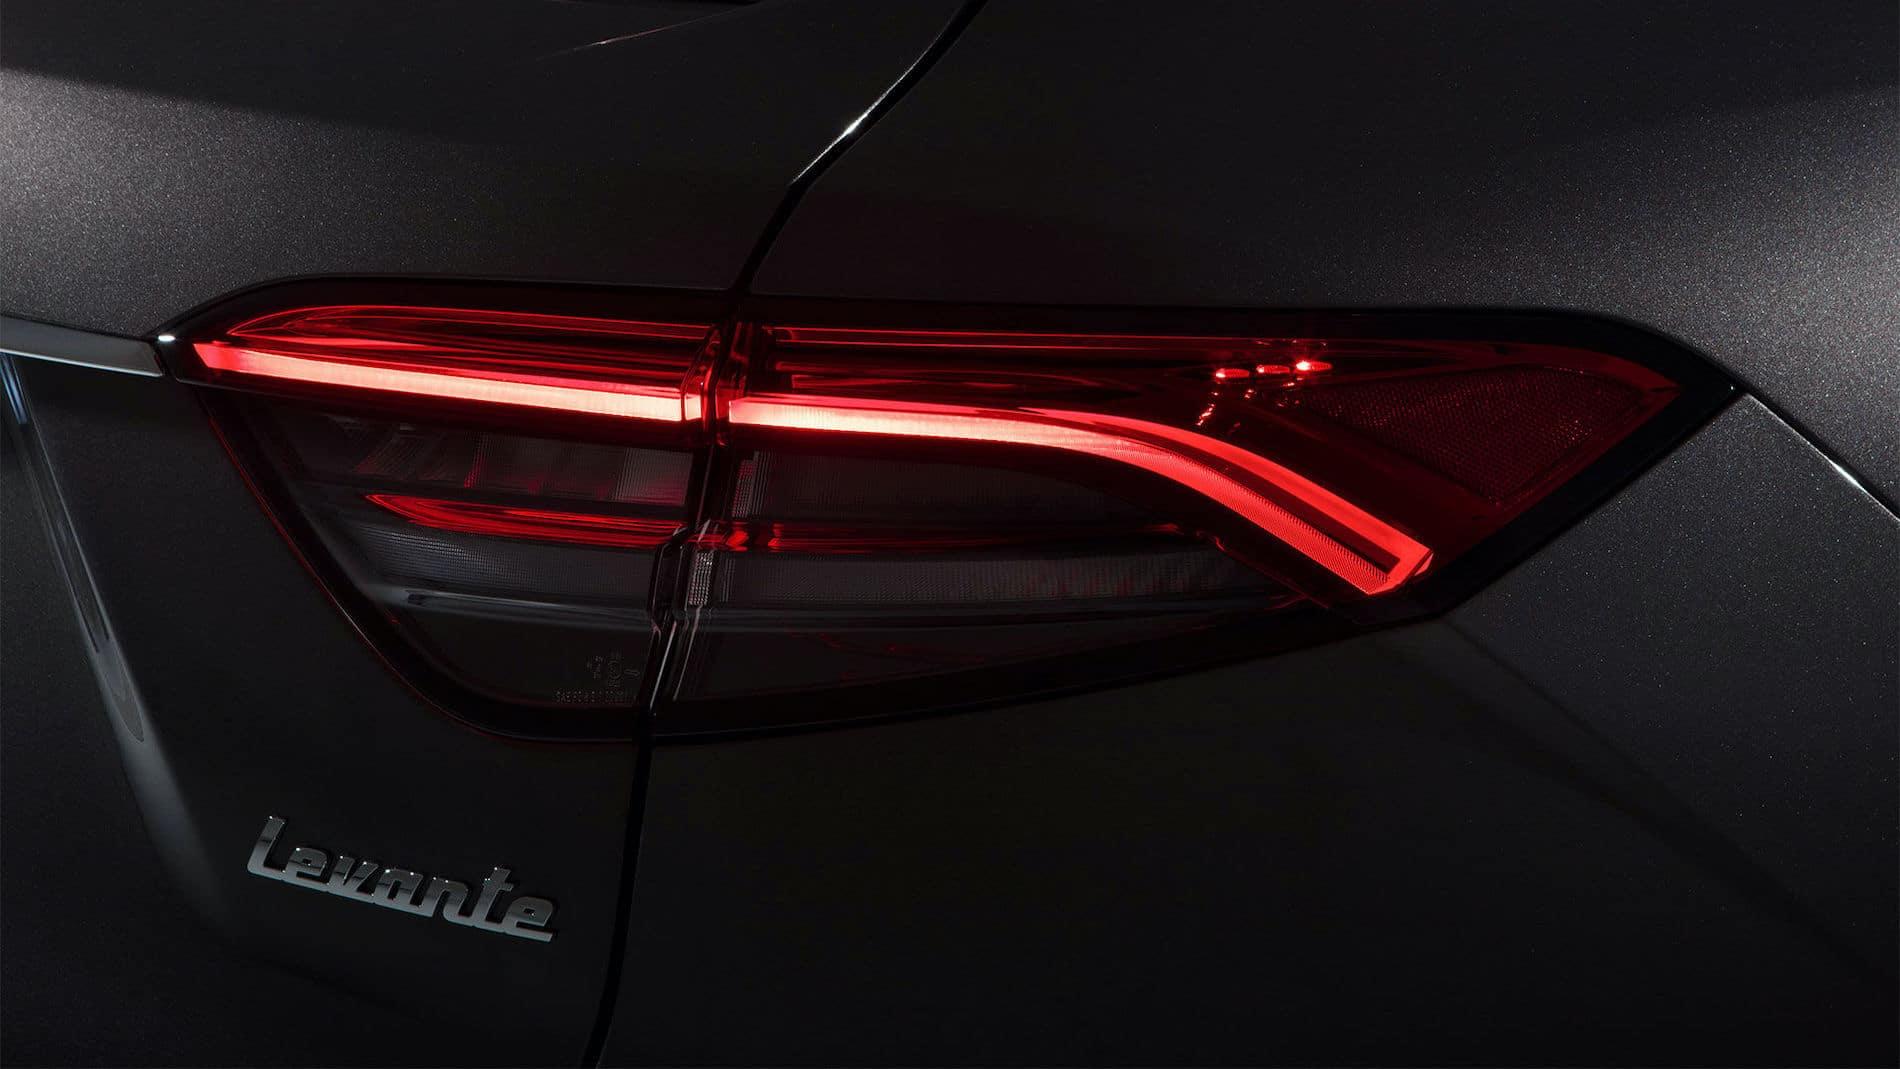 2021 Maserati Levante Rear Light